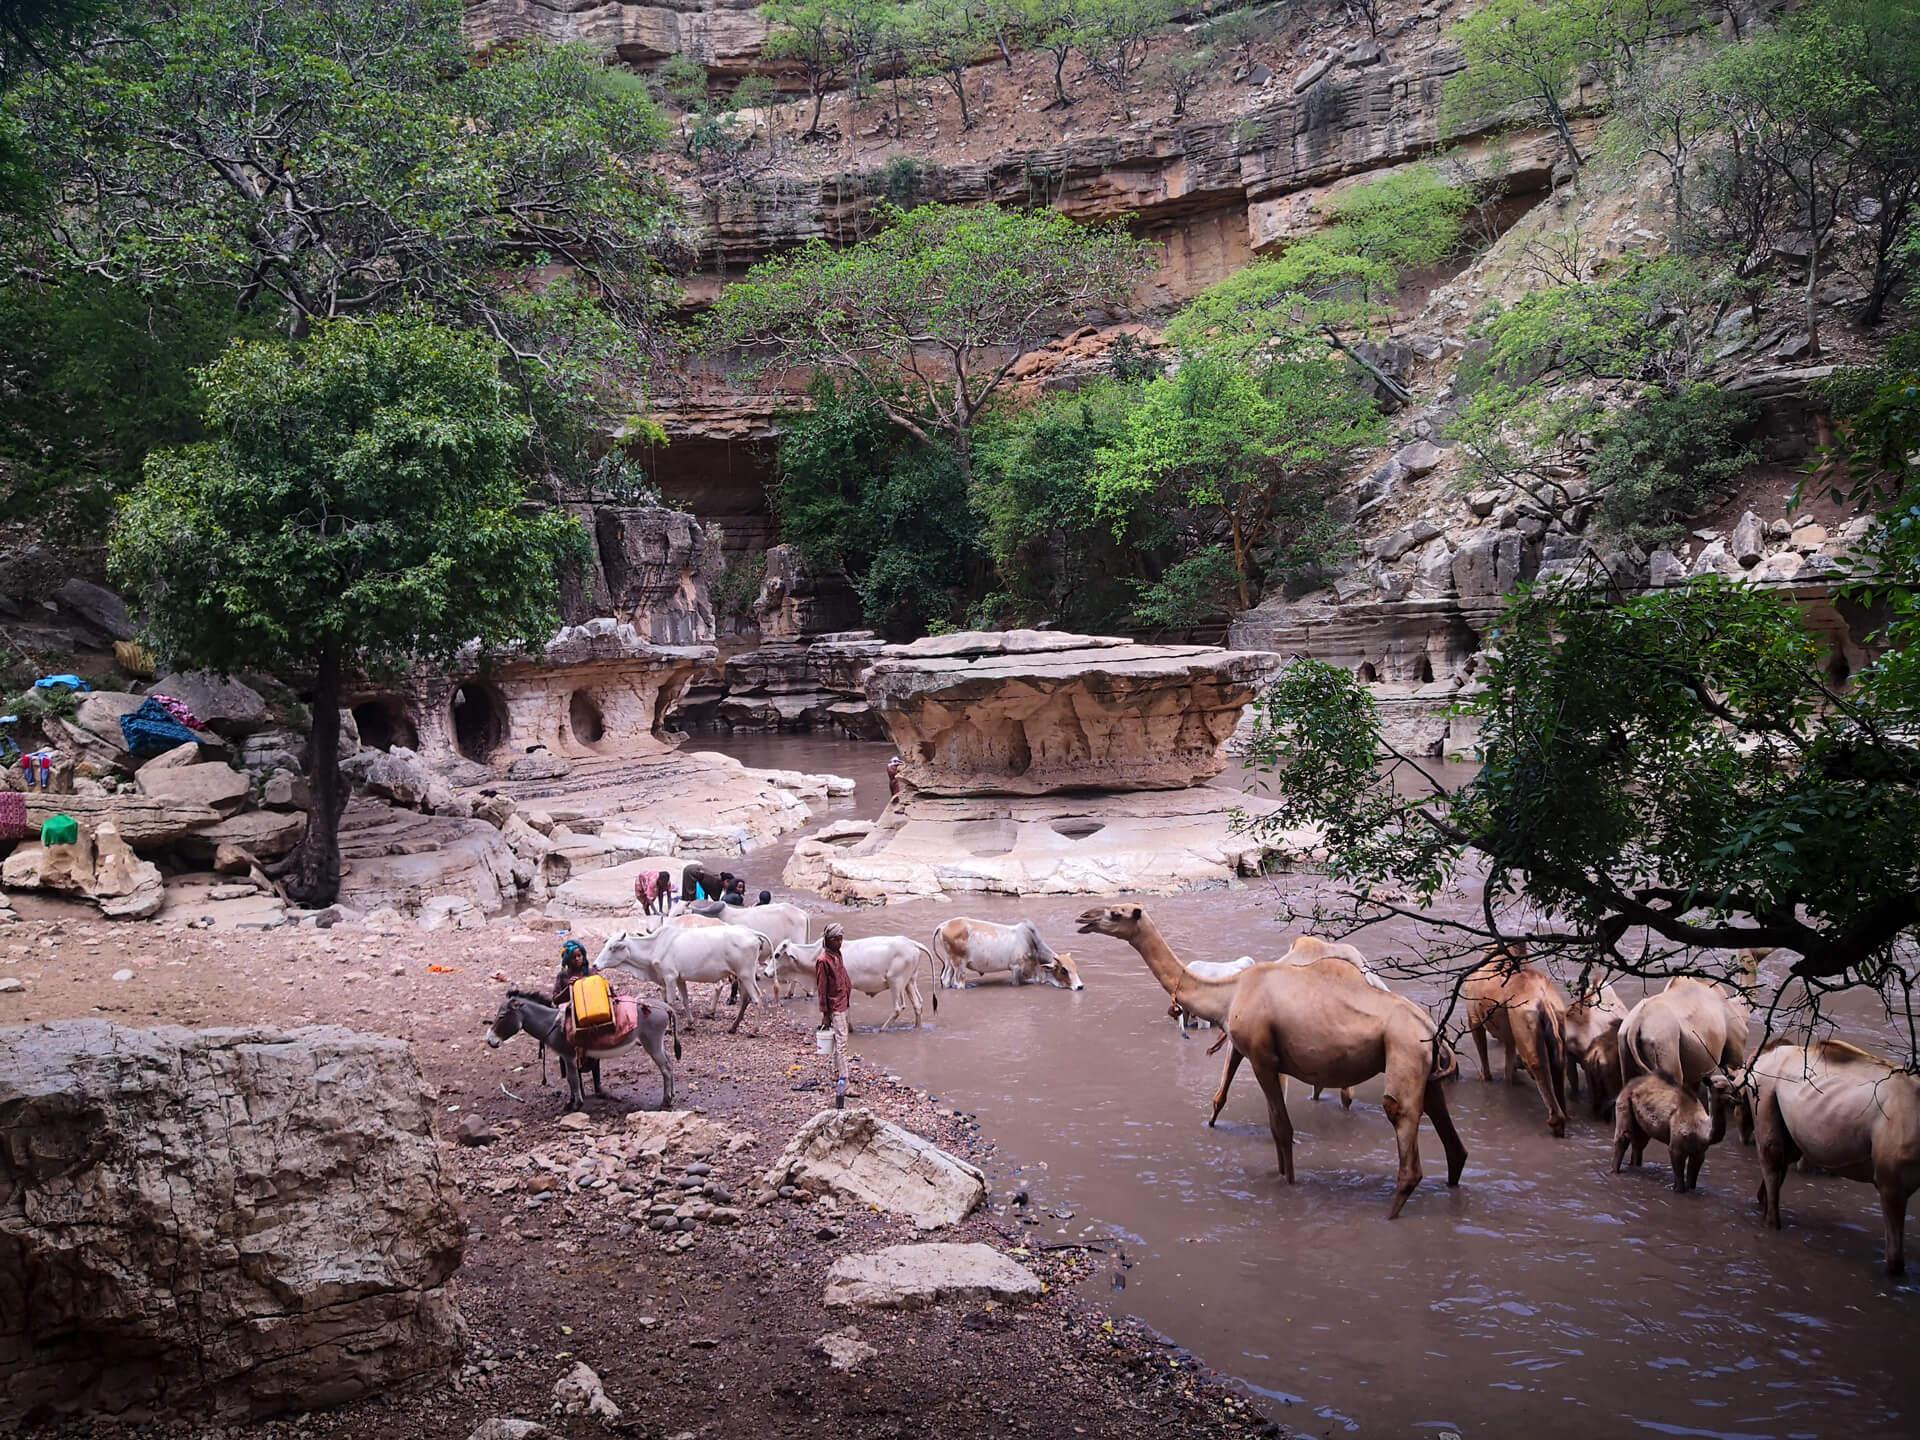 Sof Omar Ethiopa camels